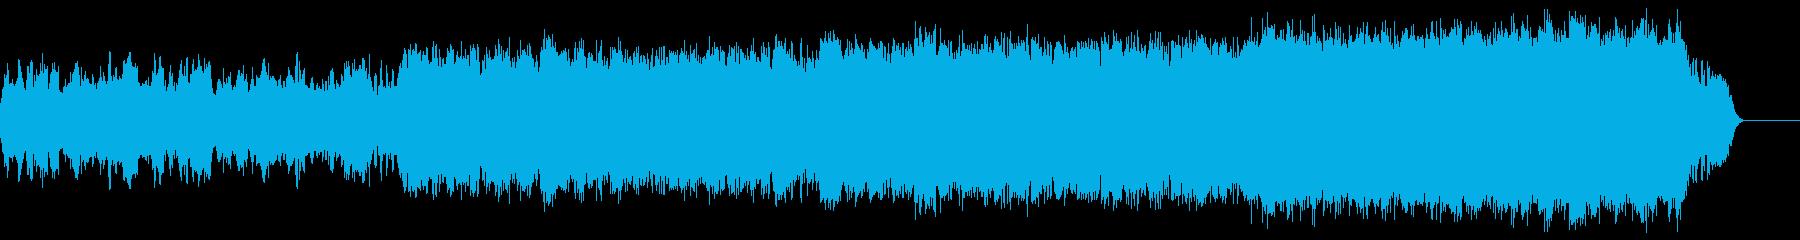 荘厳なオーケストラの鎮魂歌(レクイエム)の再生済みの波形